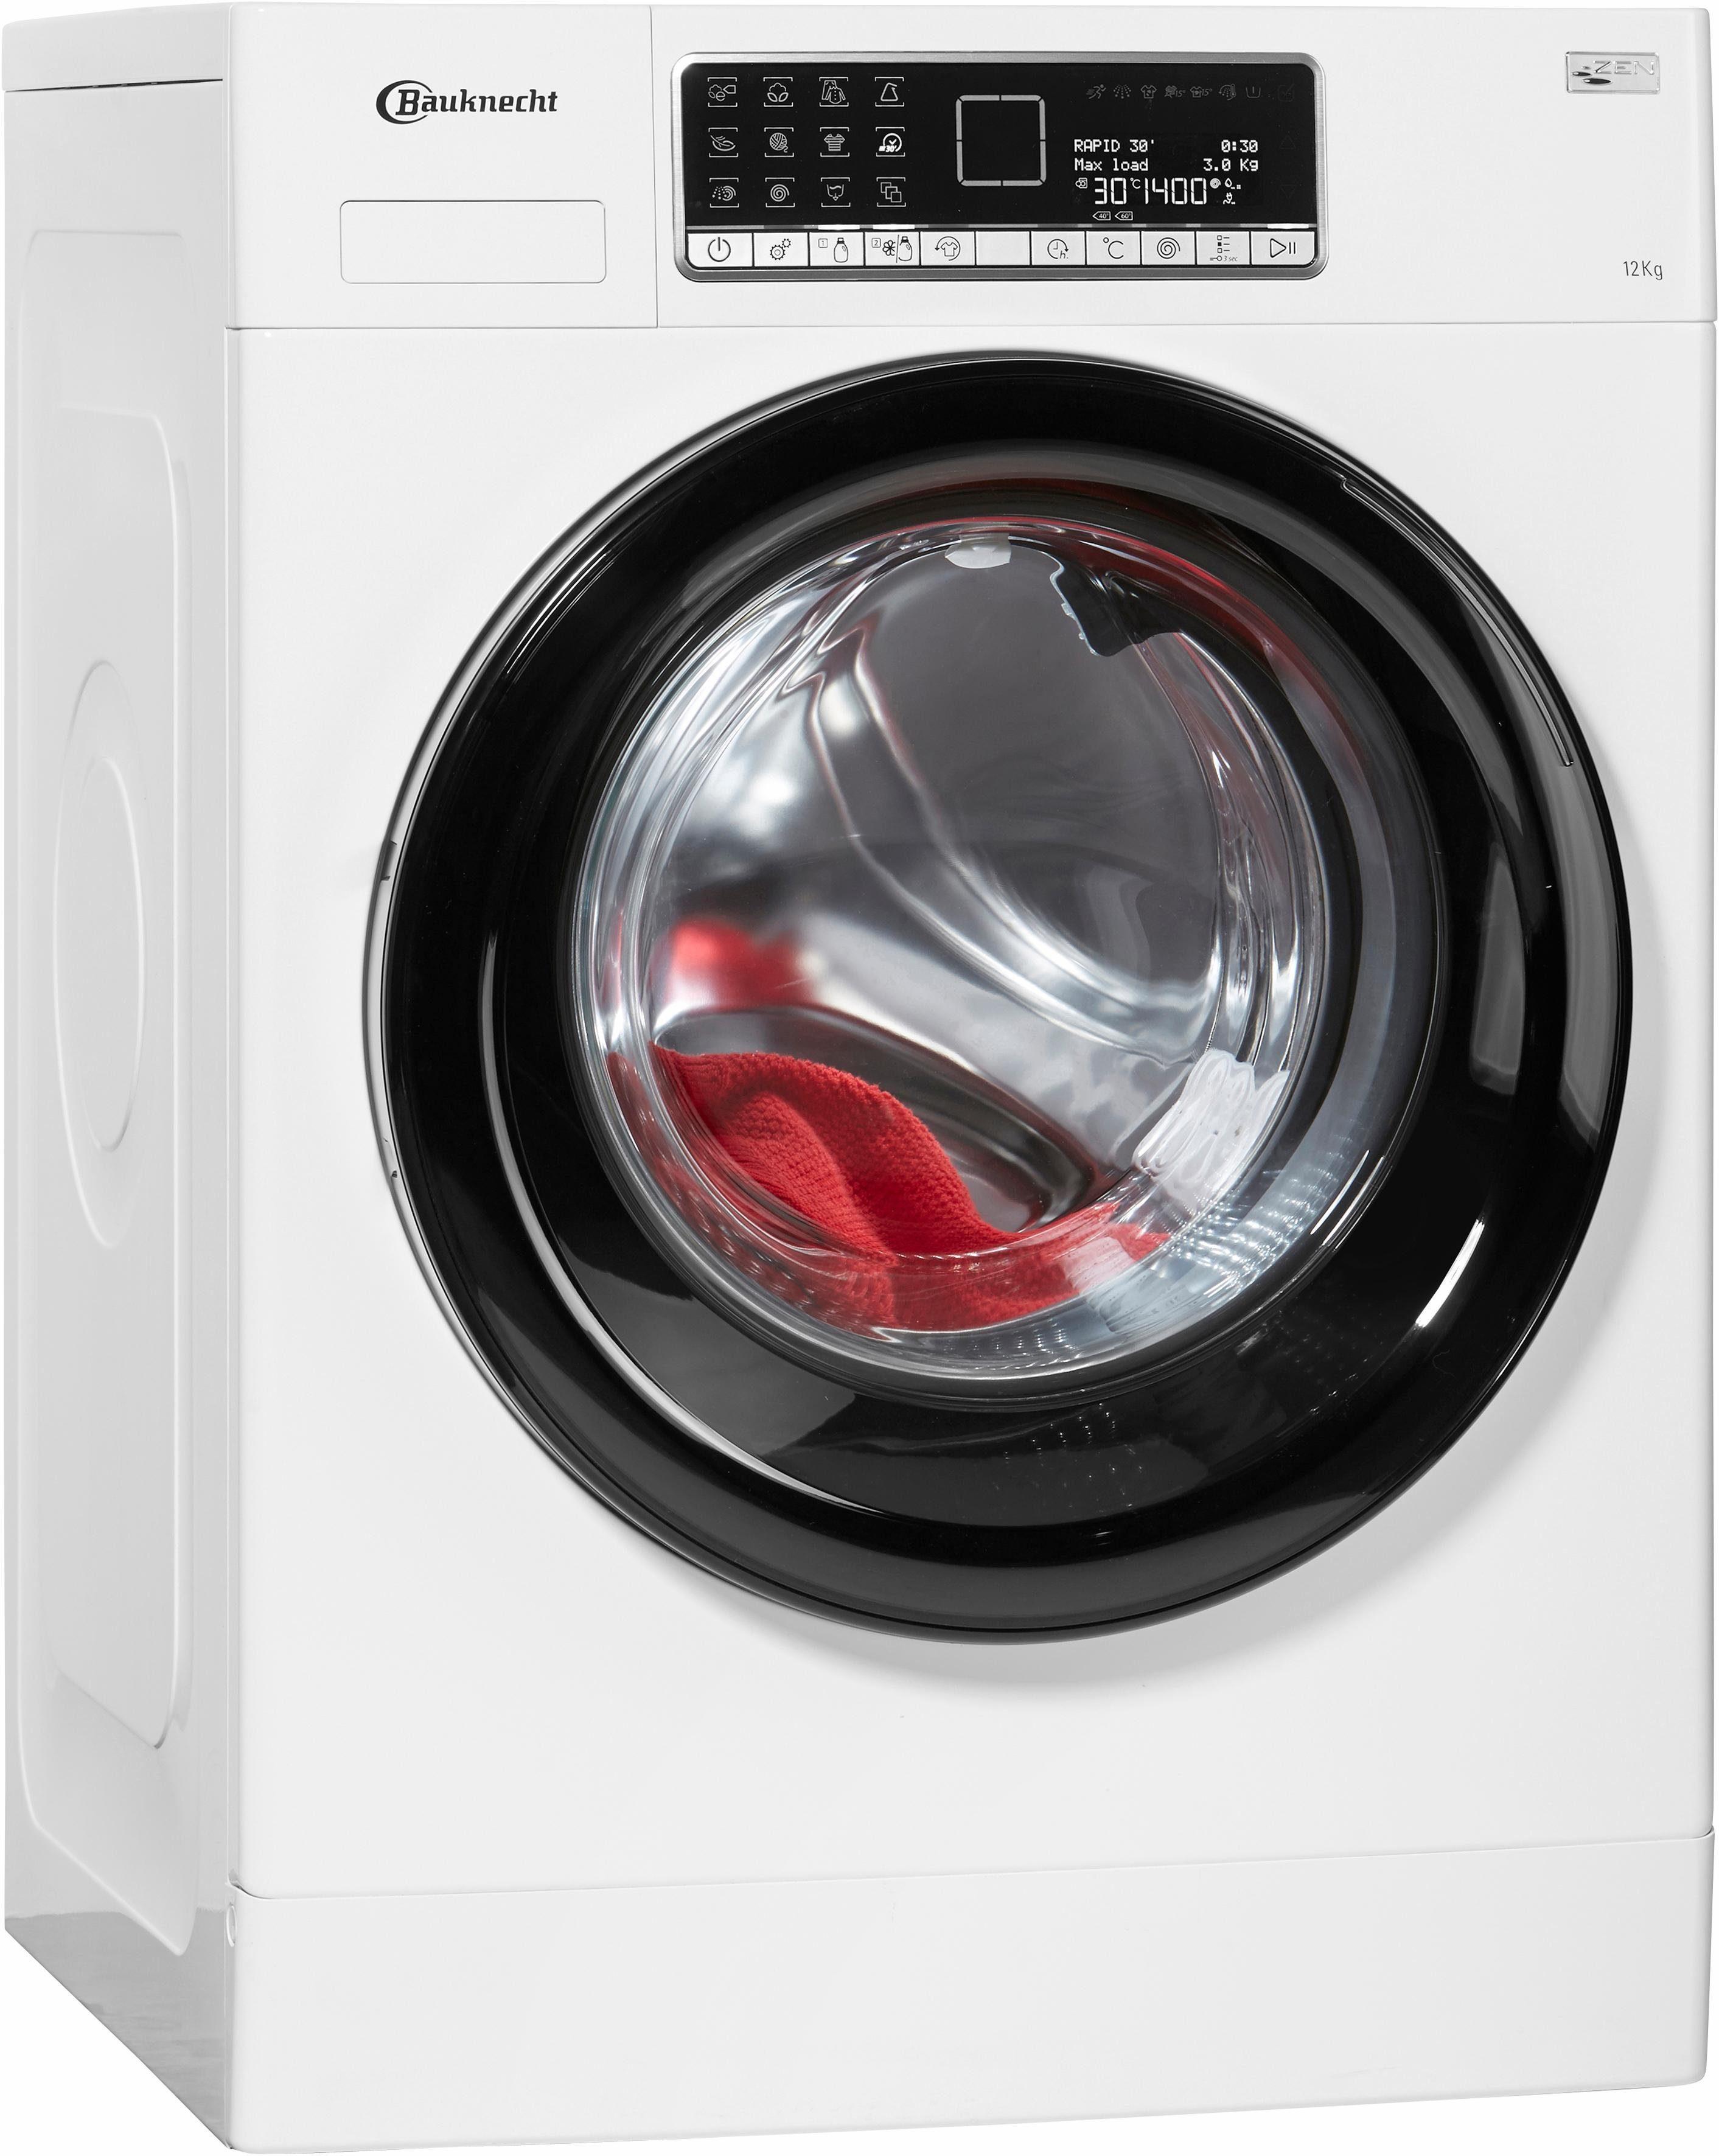 BAUKNECHT Waschmaschine WA Prime 1254 Z, A+++, 12 kg, 1400 U/Min